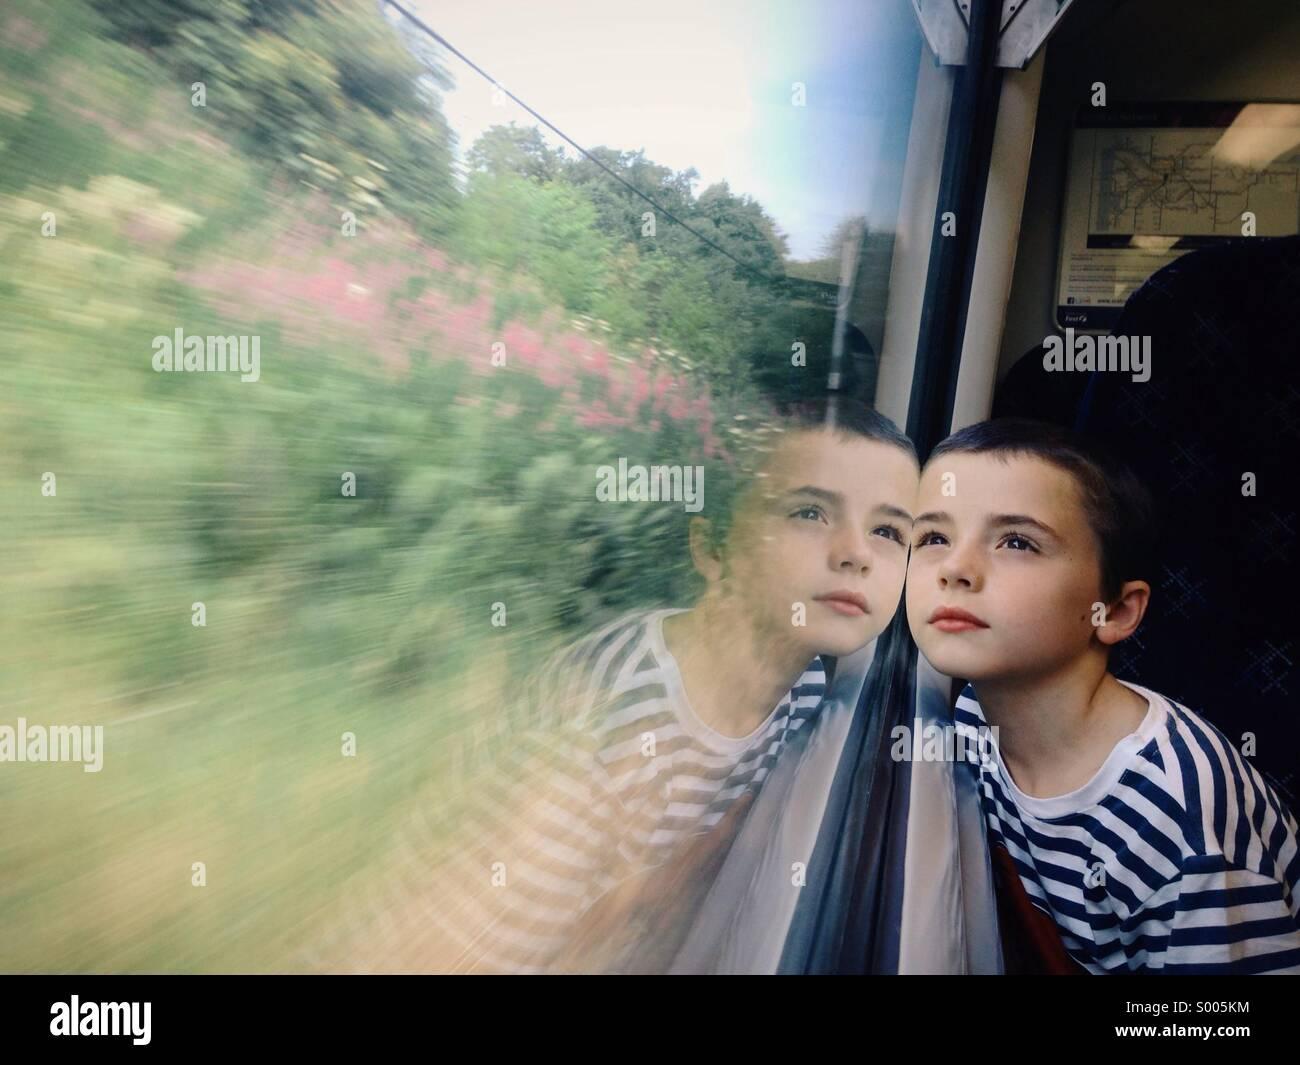 Chico mirando por la ventana del tren Imagen De Stock